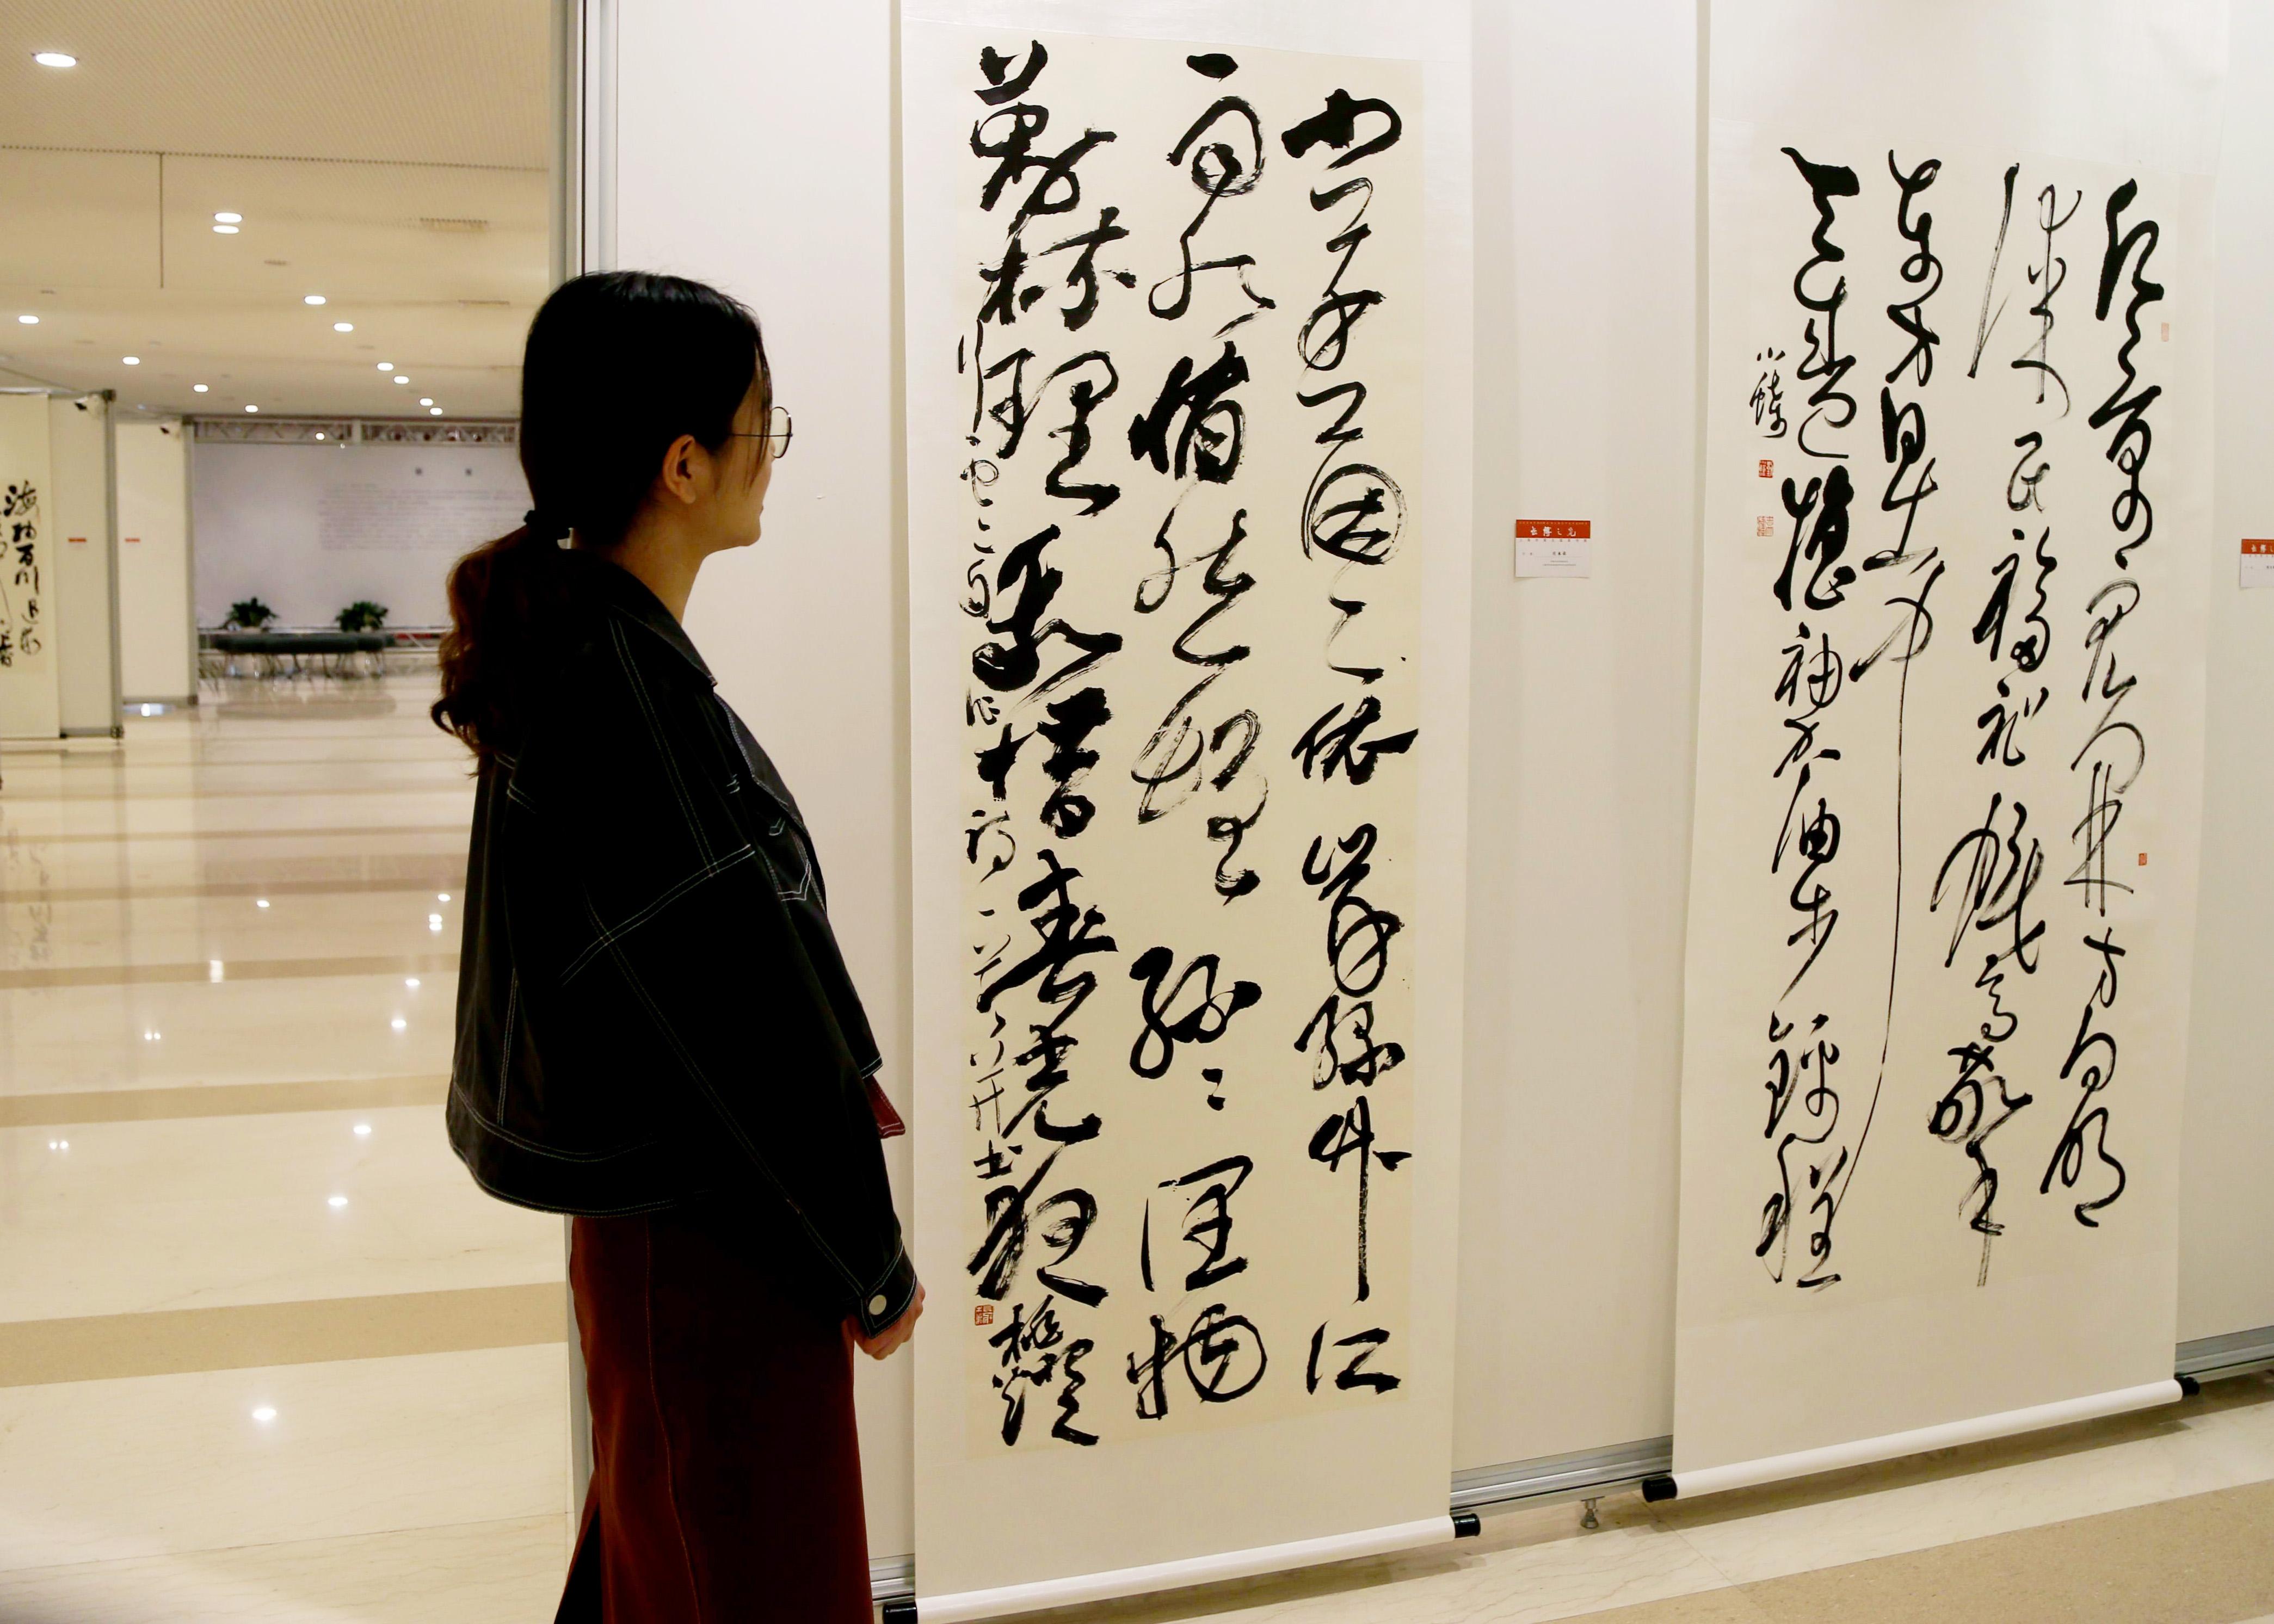 4月14日,上海市第五届草书展在浦东图书馆开幕。图为观众正在欣赏展出的草书作品。